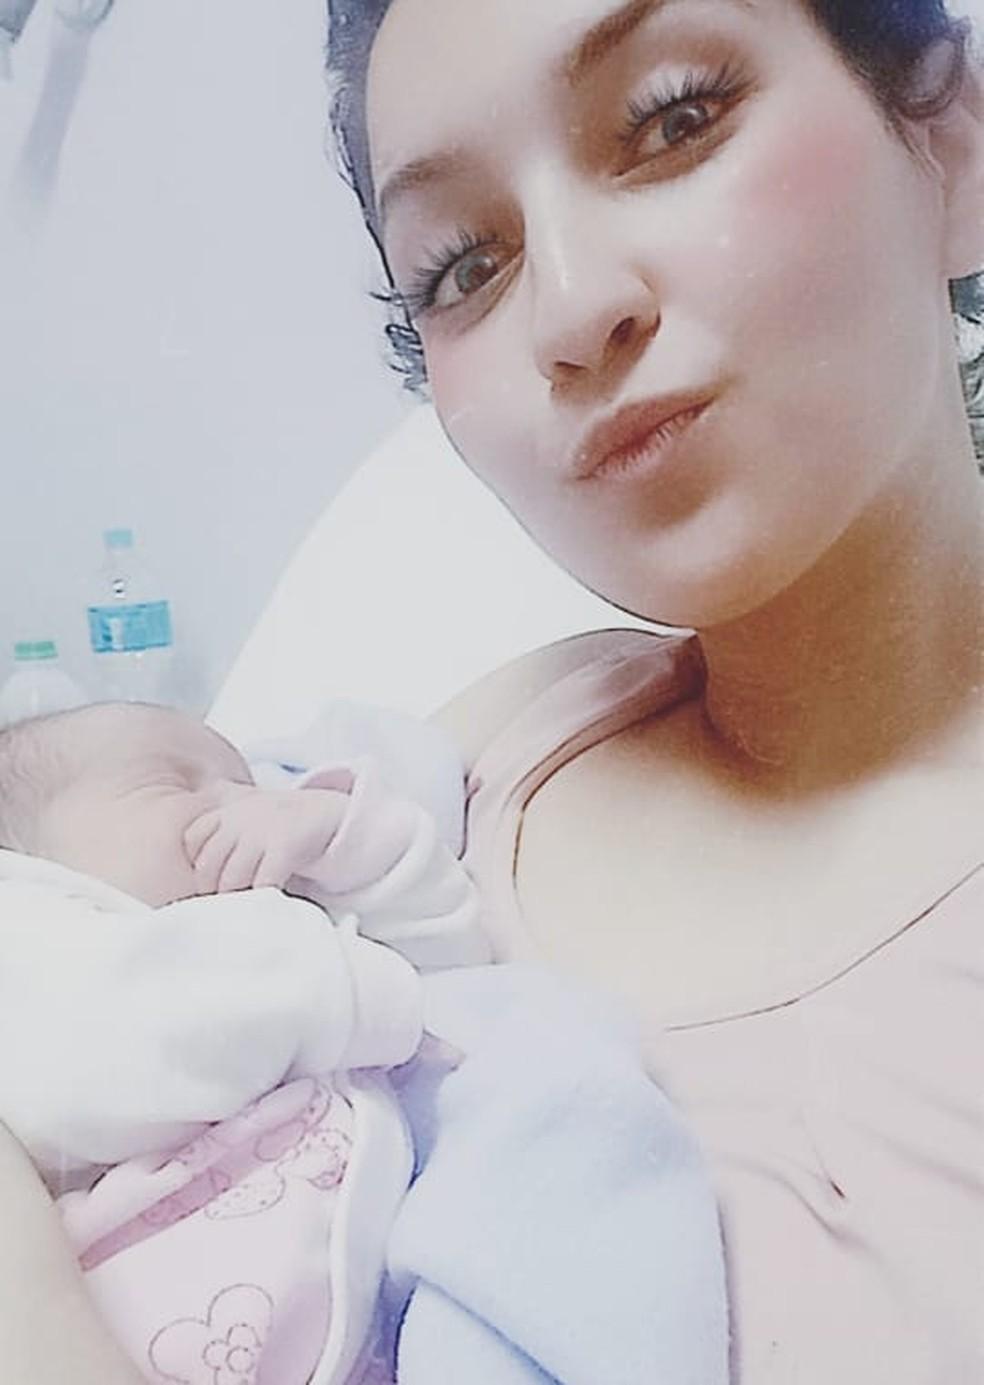 Nathaly foi pega de surpresa ao sentir fortes dores e descobrir que estava em trabalho de parto — Foto: Arquivo pessoal/Nathaly Lopes